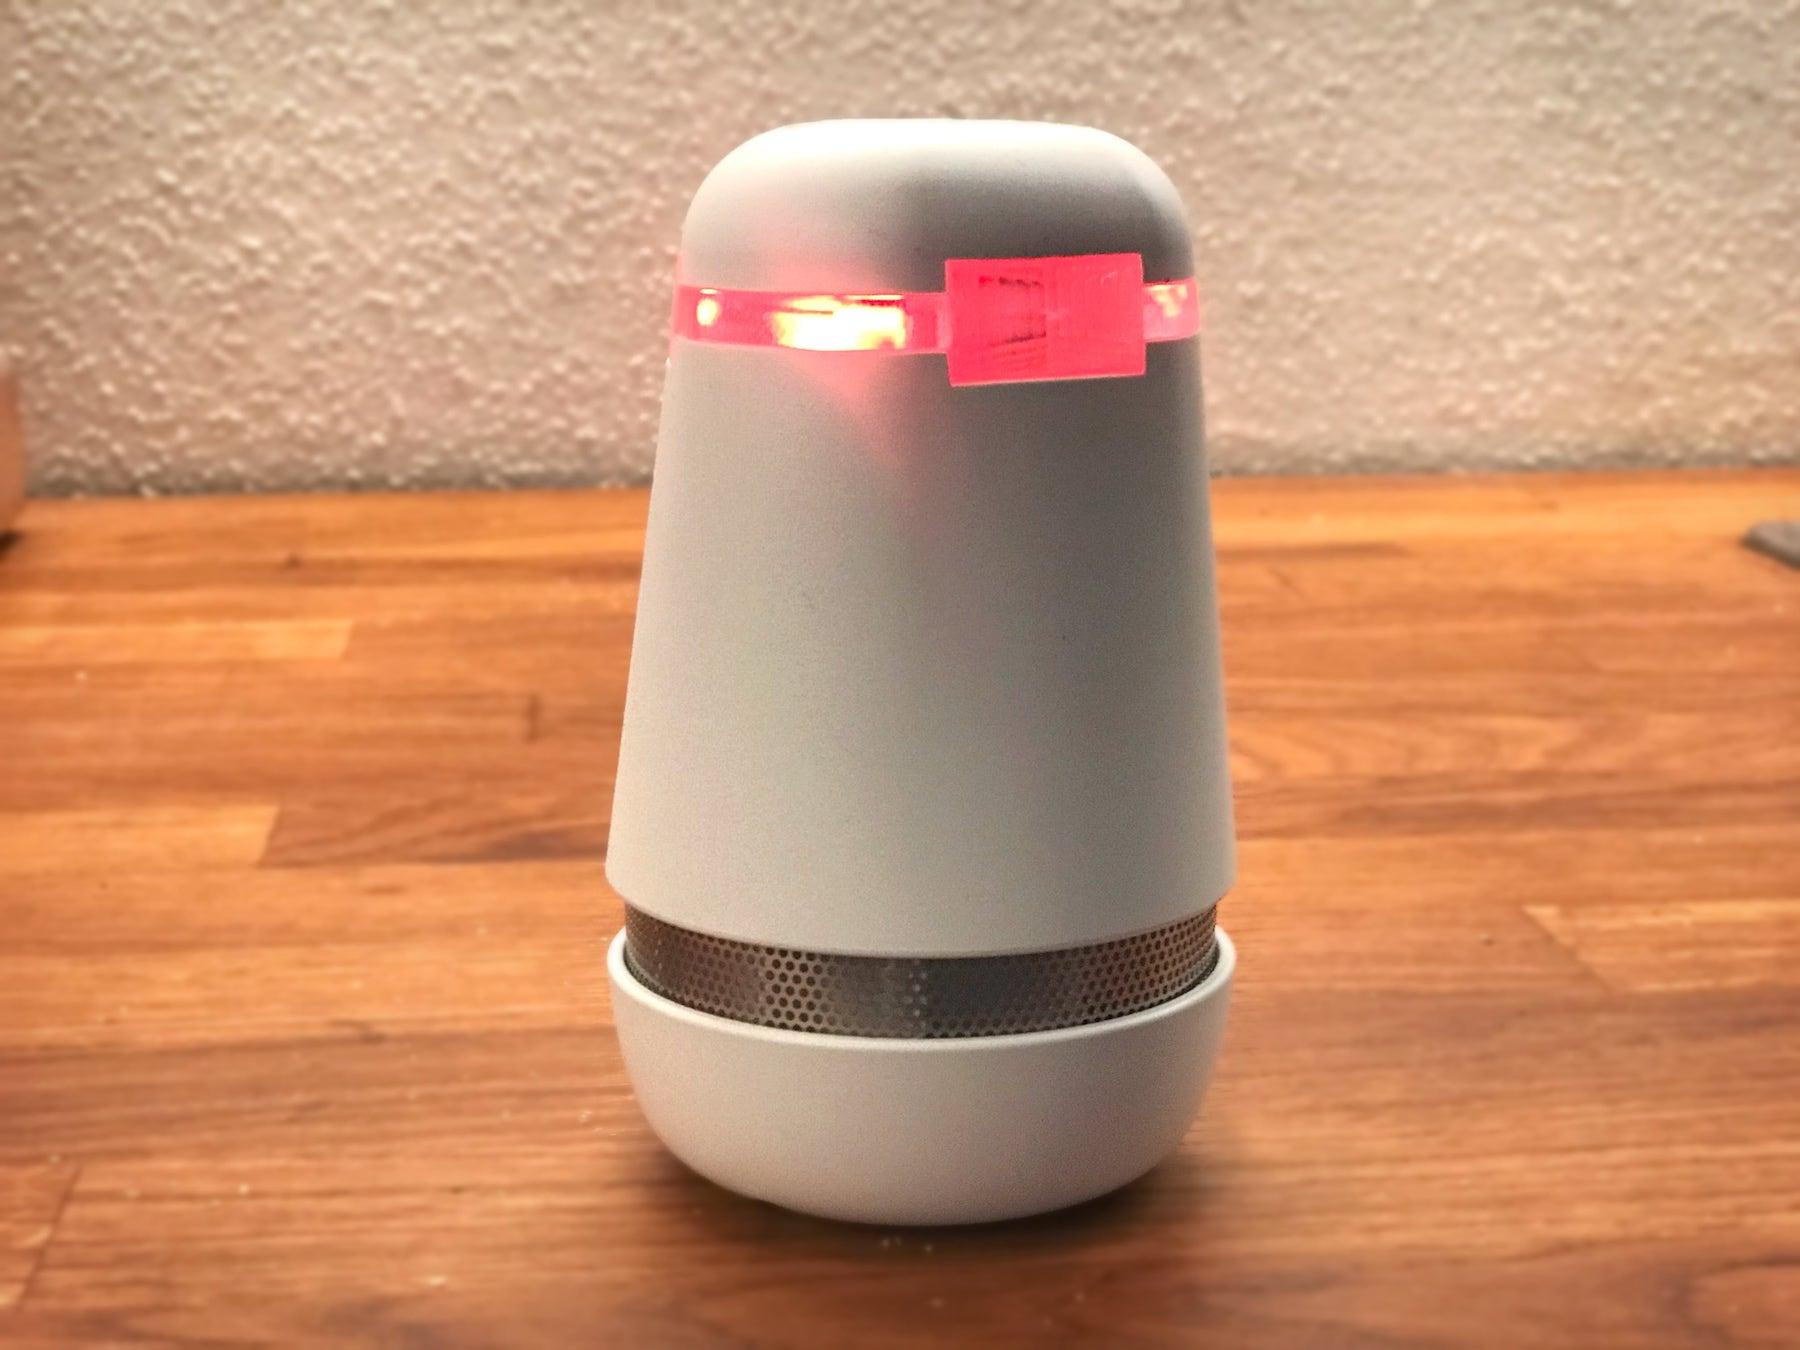 Bewegungsmelder Luftqualität messen Bosch Spexor